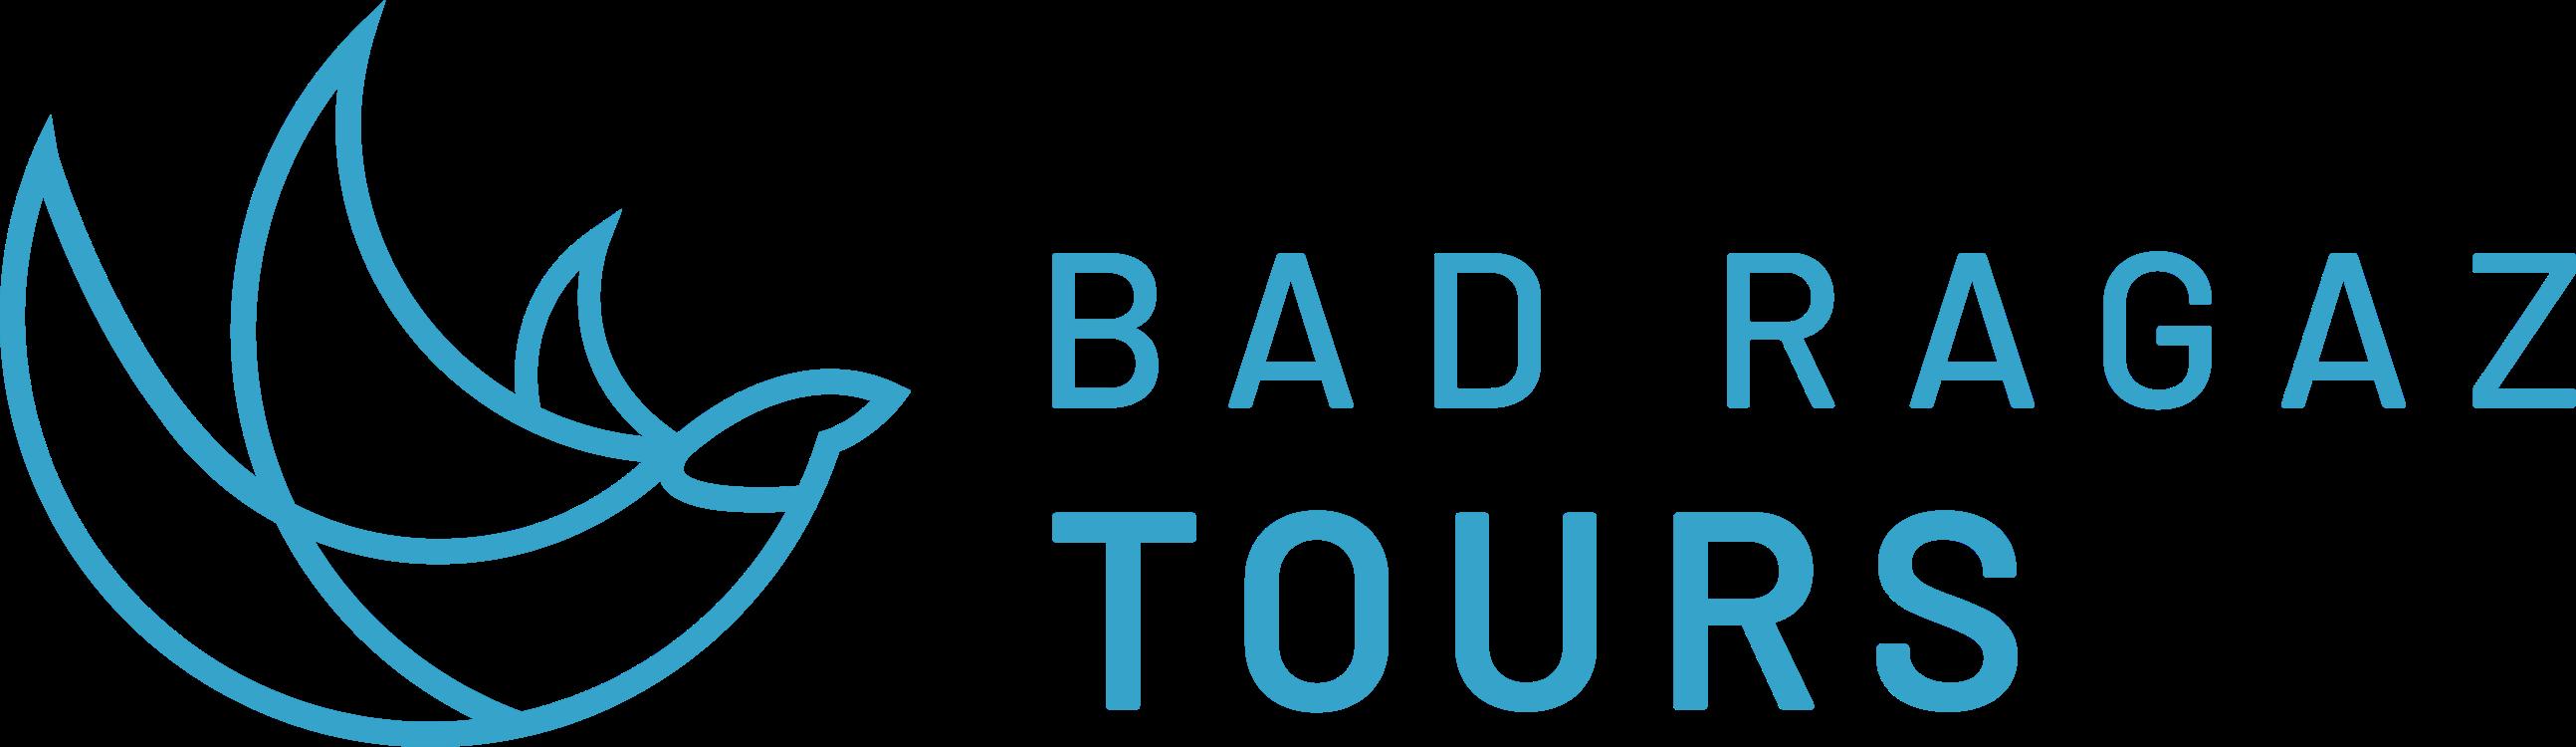 badragaztours